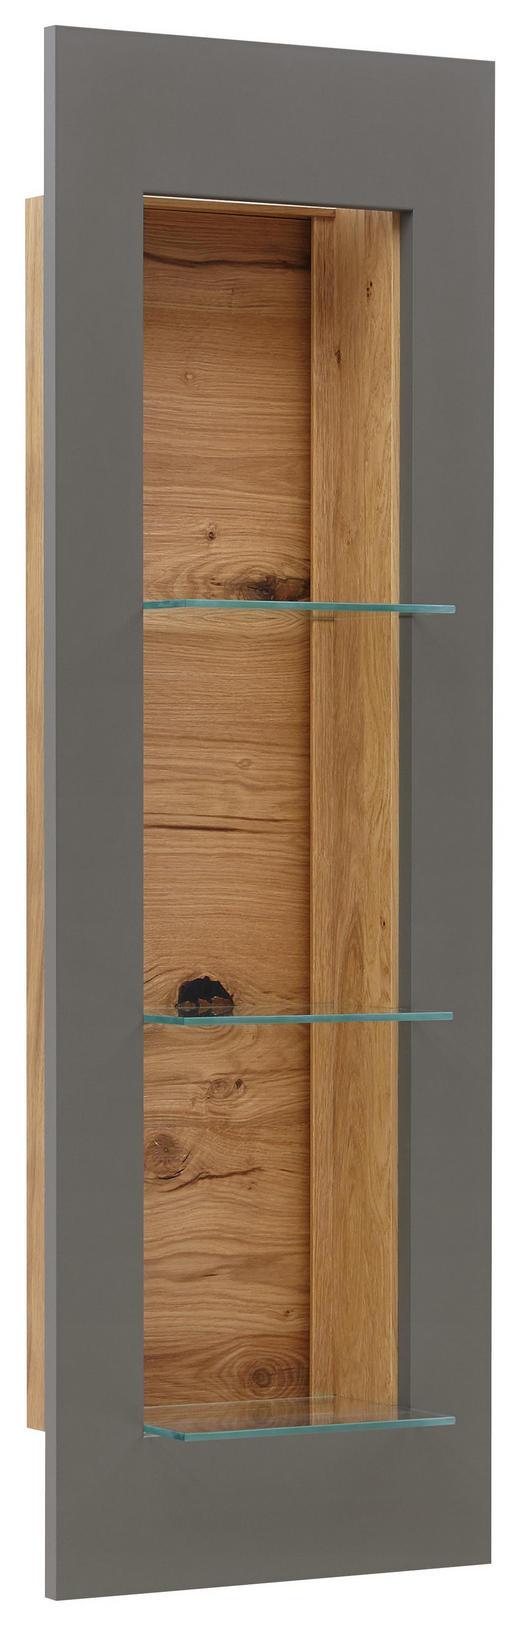 HÄNGEELEMENT in Eichefarben, Walnussfarben - Eichefarben/Walnussfarben, KONVENTIONELL, Glas/Holz (39/118/38cm) - Voleo